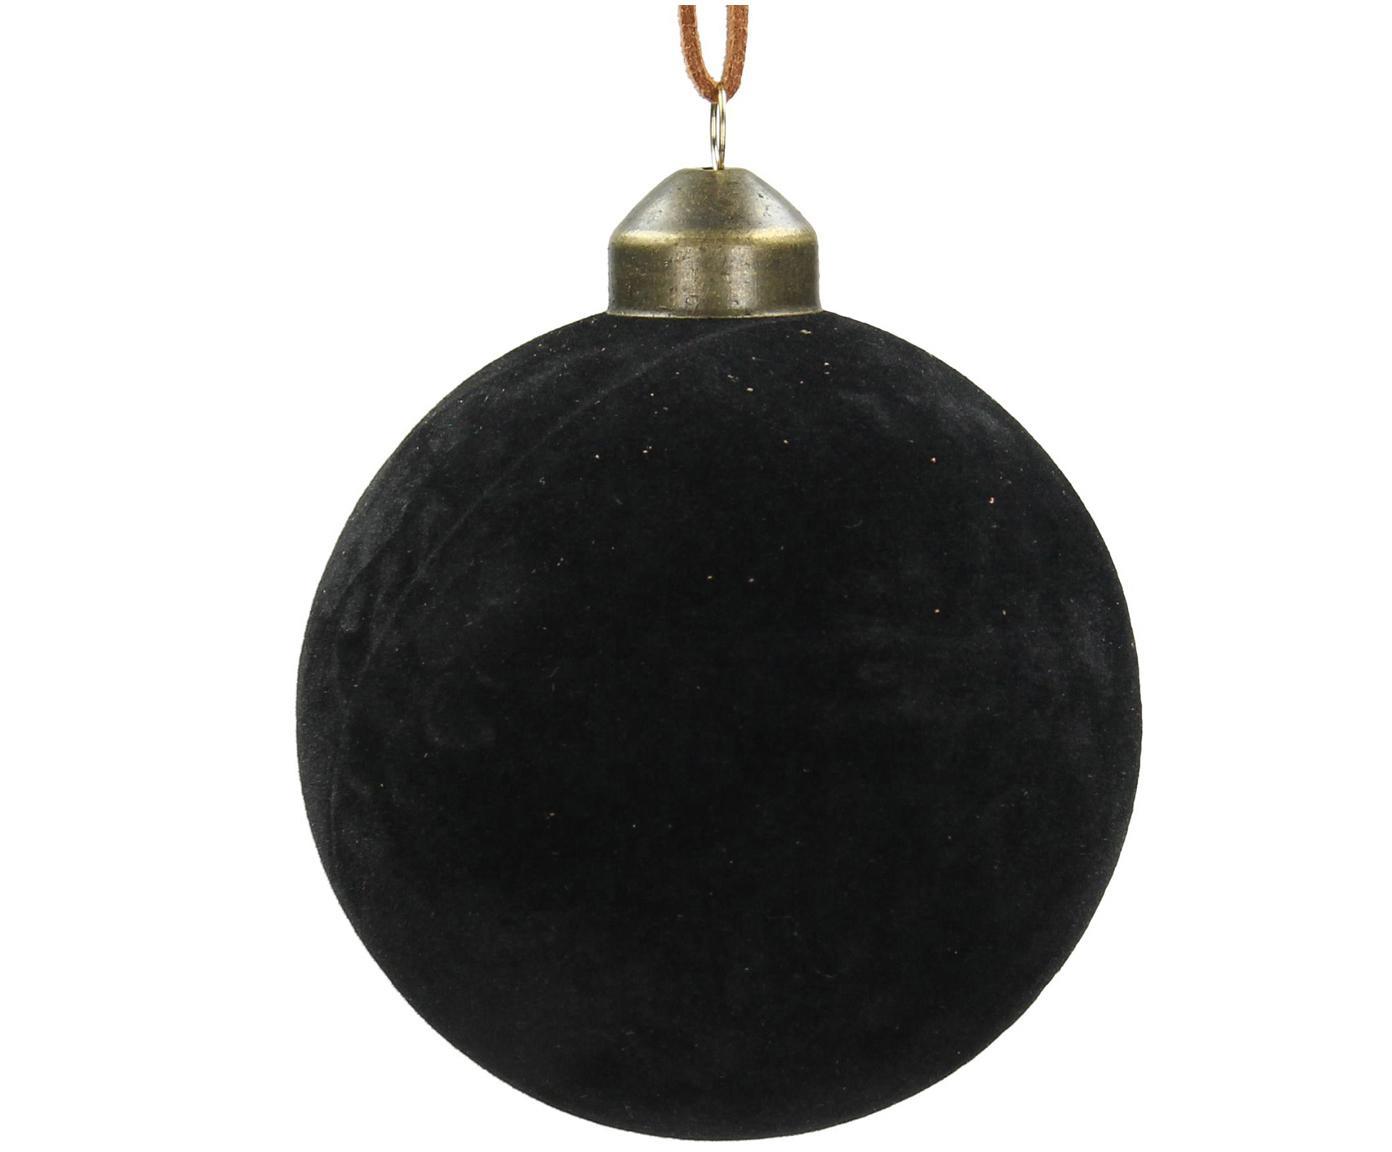 Kerstballen Velvet, 4 stuks, Glas, polyesterfluweel, Zwart, Ø 8 cm